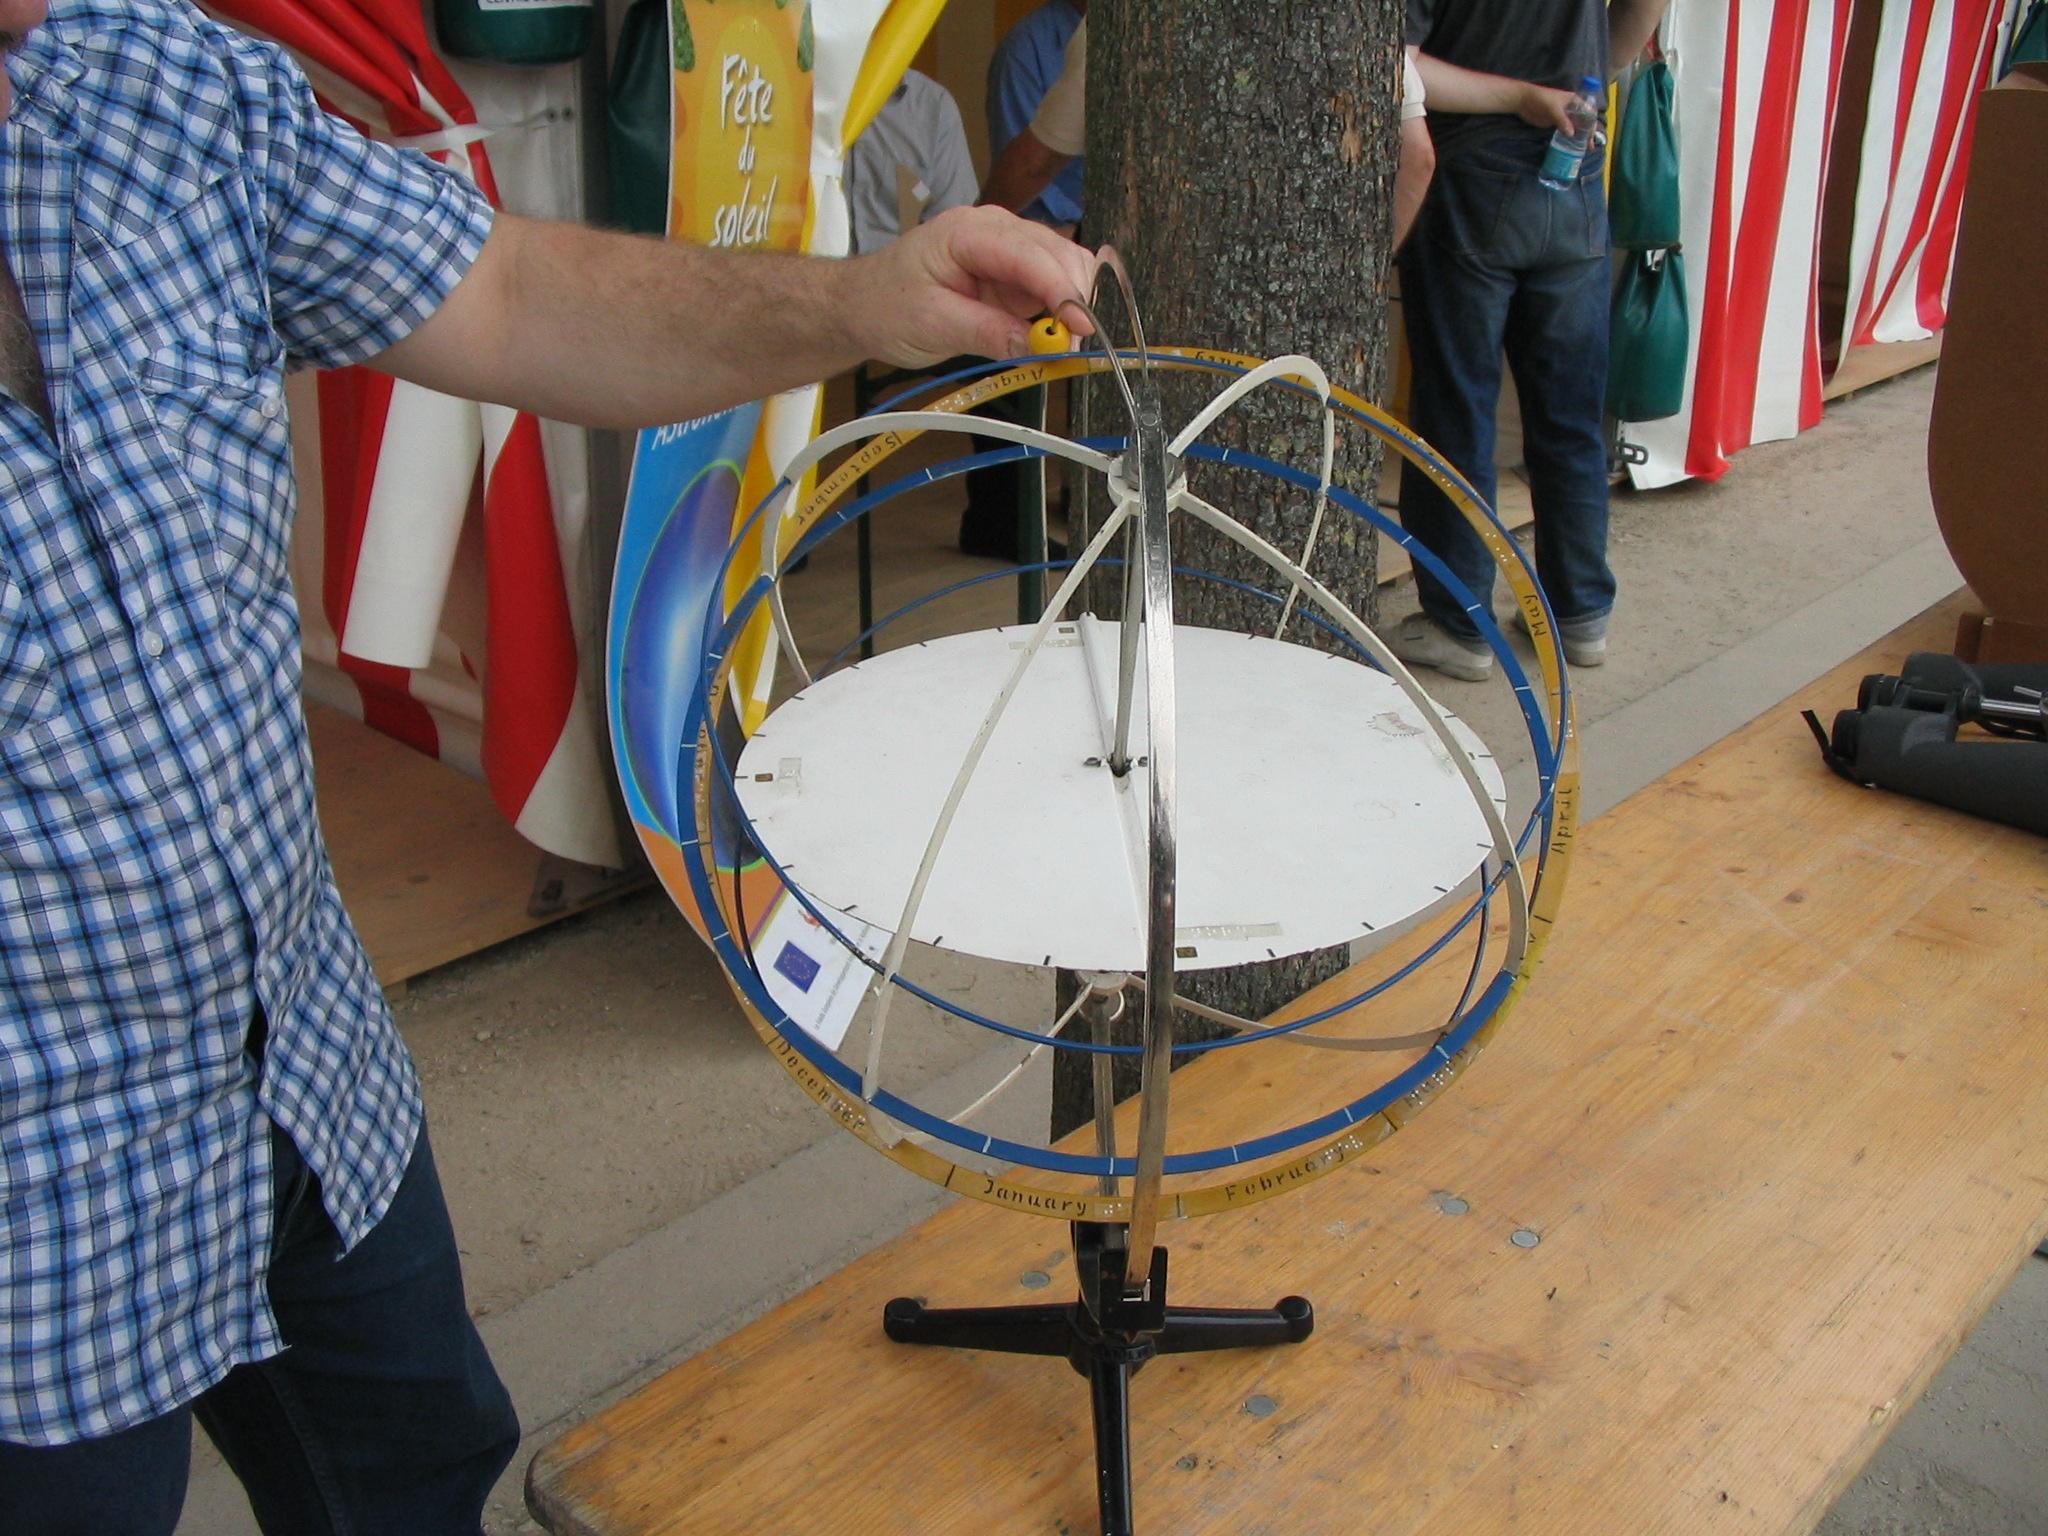 e387304d5ed Fichier SAL-Sphere armillaire-LiegeSurSable-01AUG2010.jpg — Wikipédia